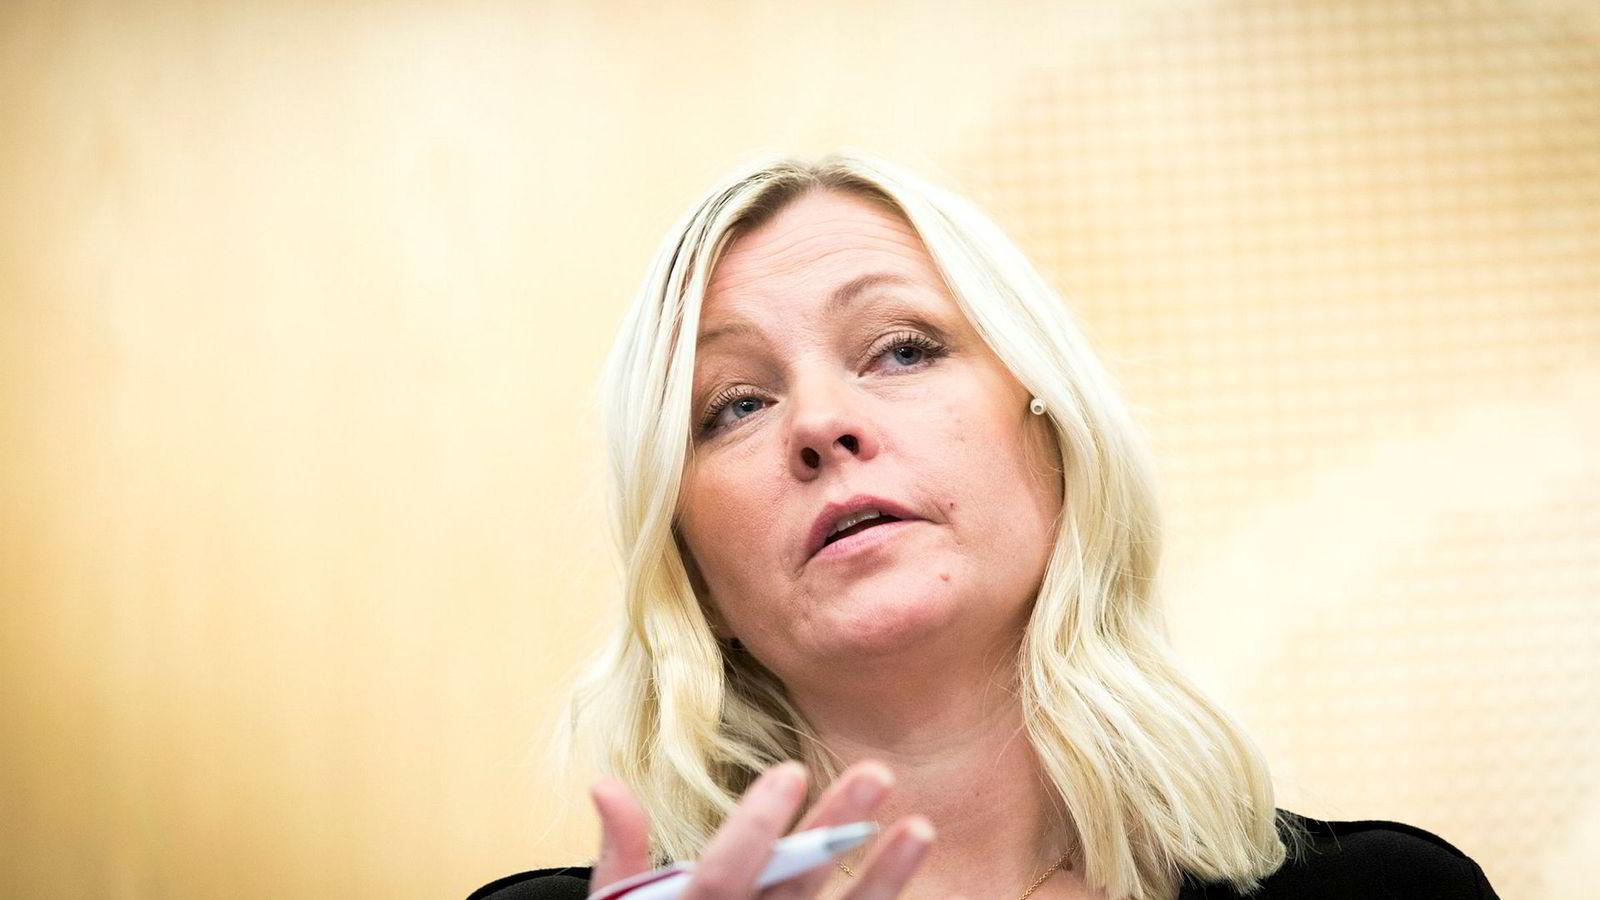 Aps partisekretær Kjersti Stenseng, her fra en pressekonferanse tidligere i år, mener Moderaterna må bryte egne valgløfter for å nå makten i Sverige.